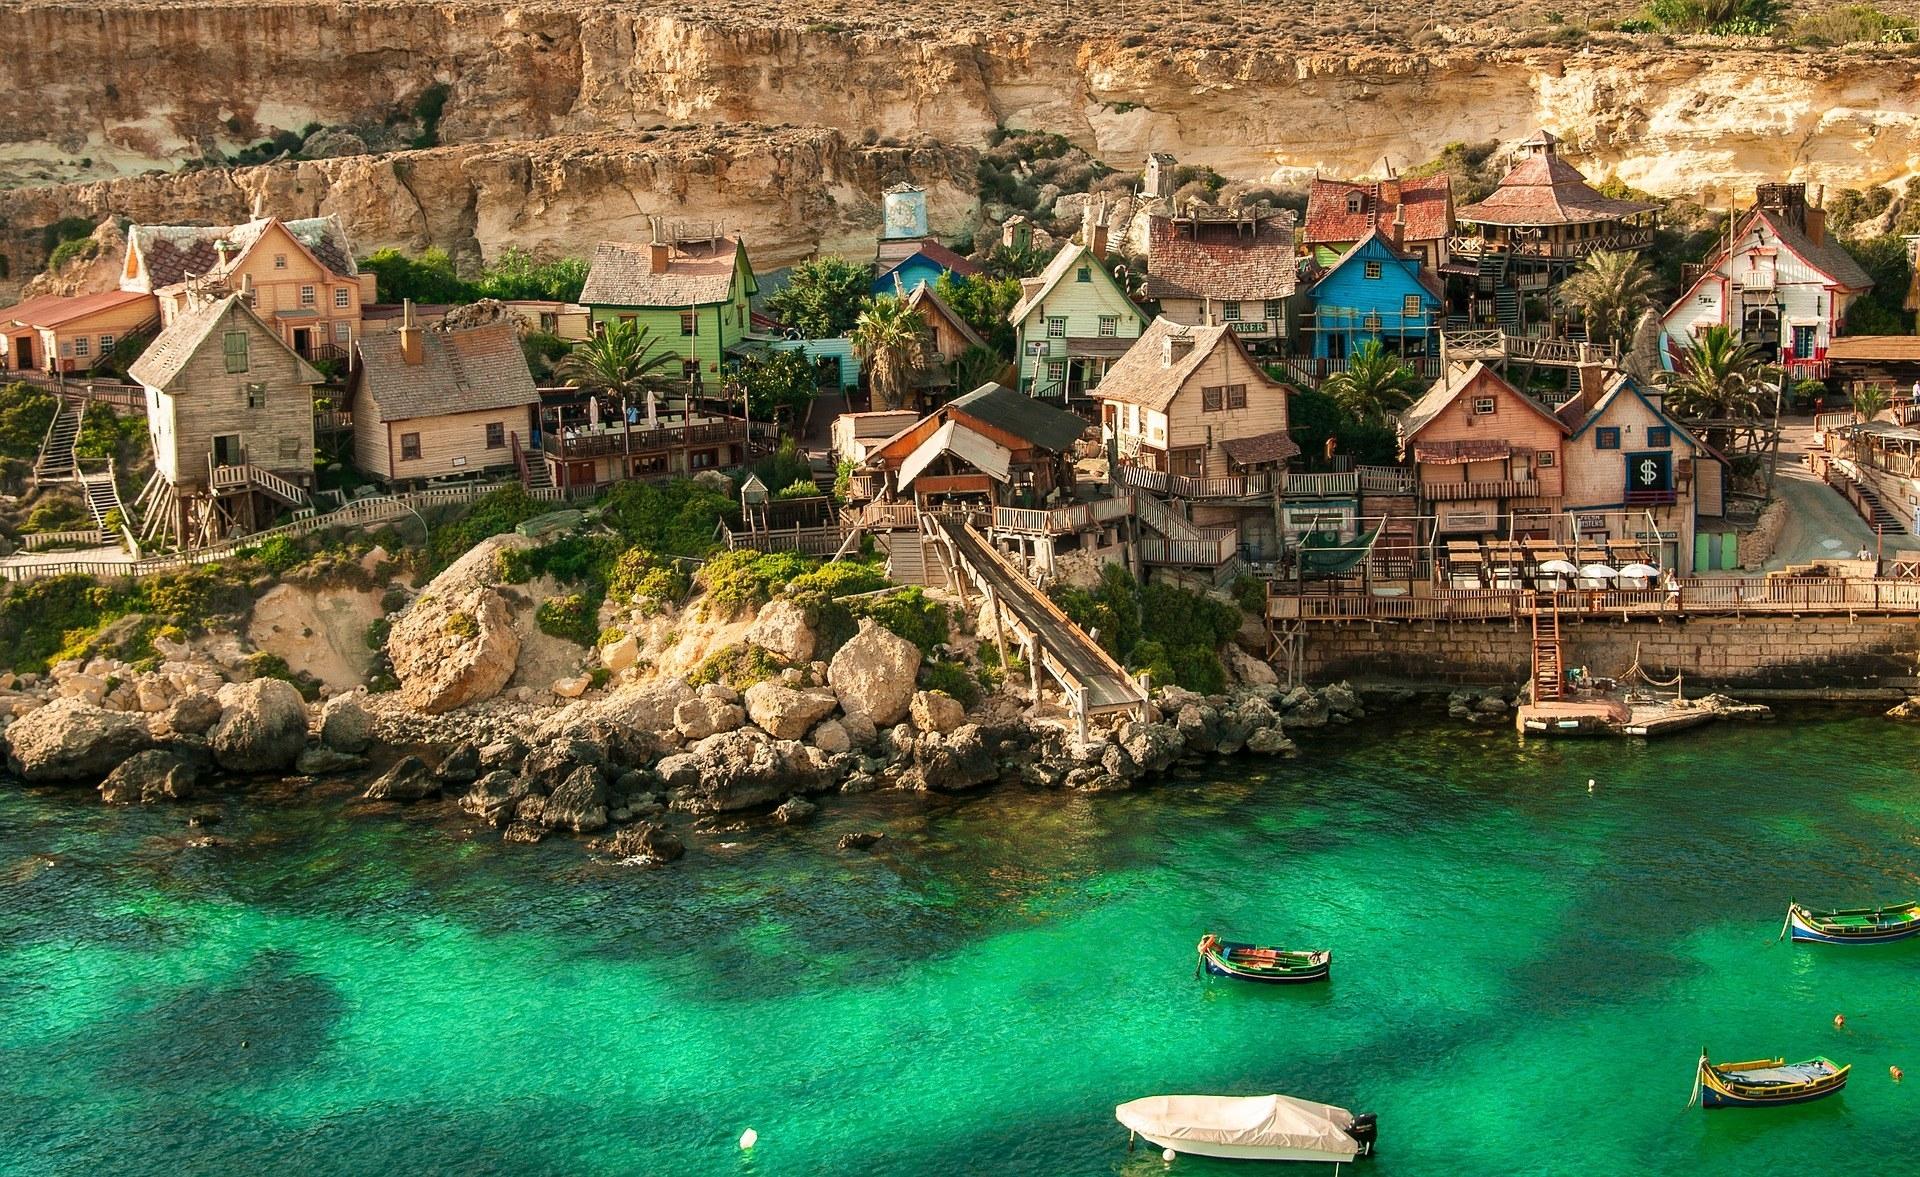 A village on the coast of Malta.